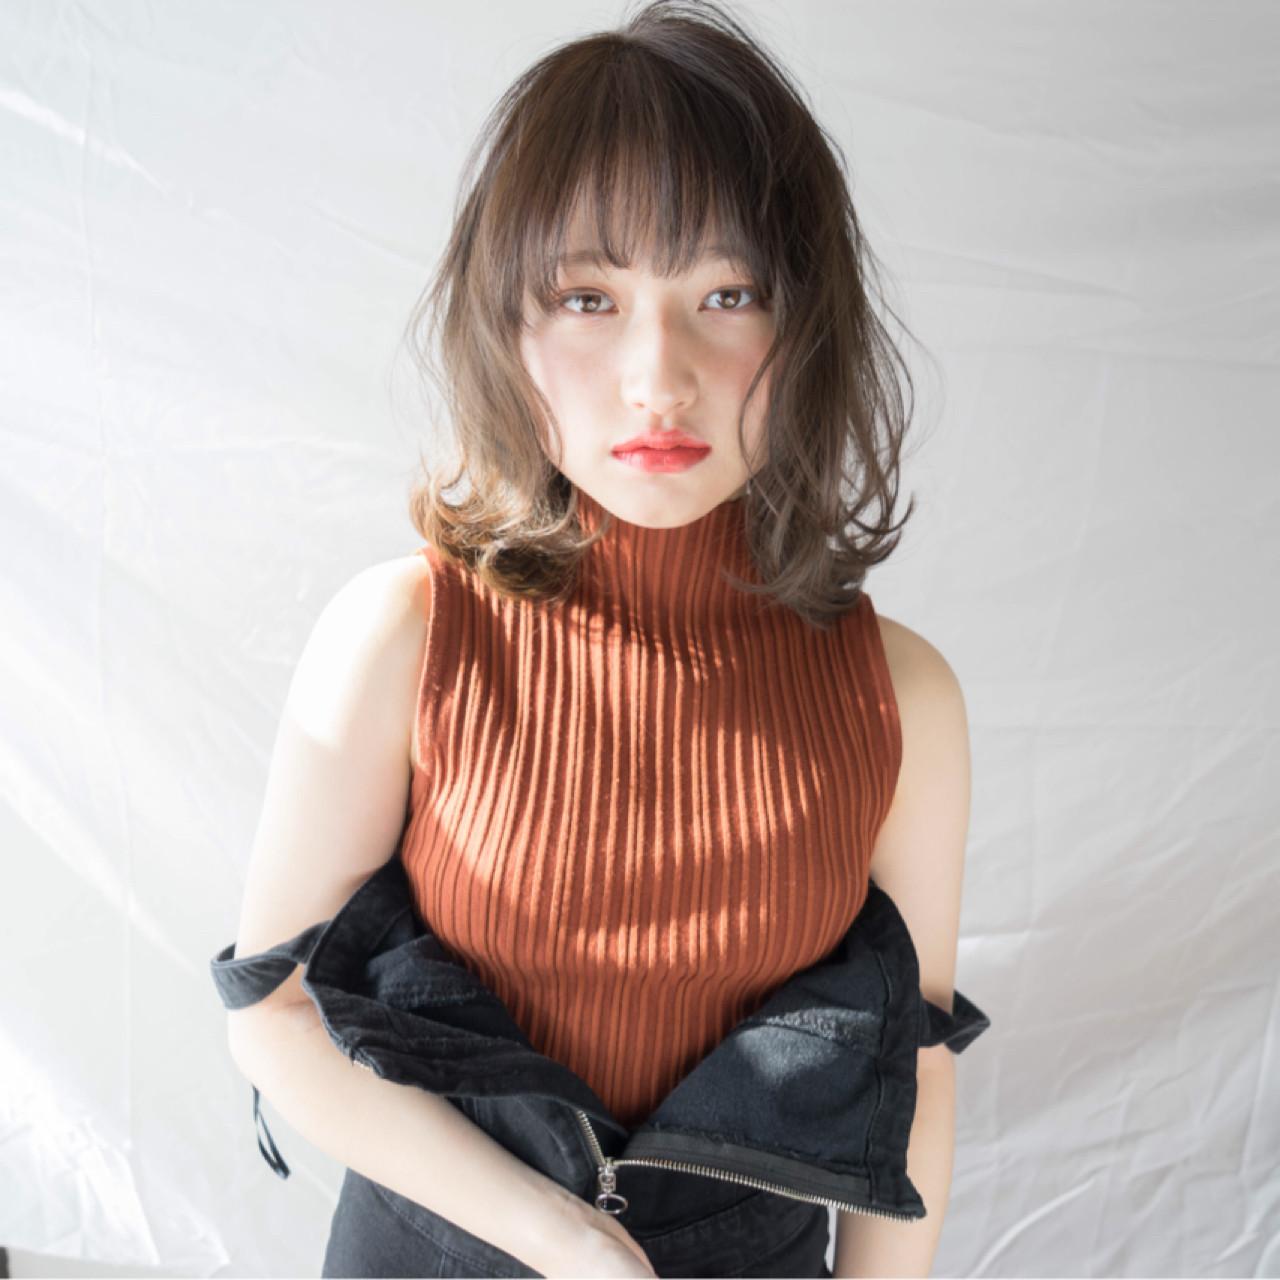 ミディアム 外ハネ デート ナチュラル ヘアスタイルや髪型の写真・画像 | 石田 裕人 / AFLOAT NAGOYA